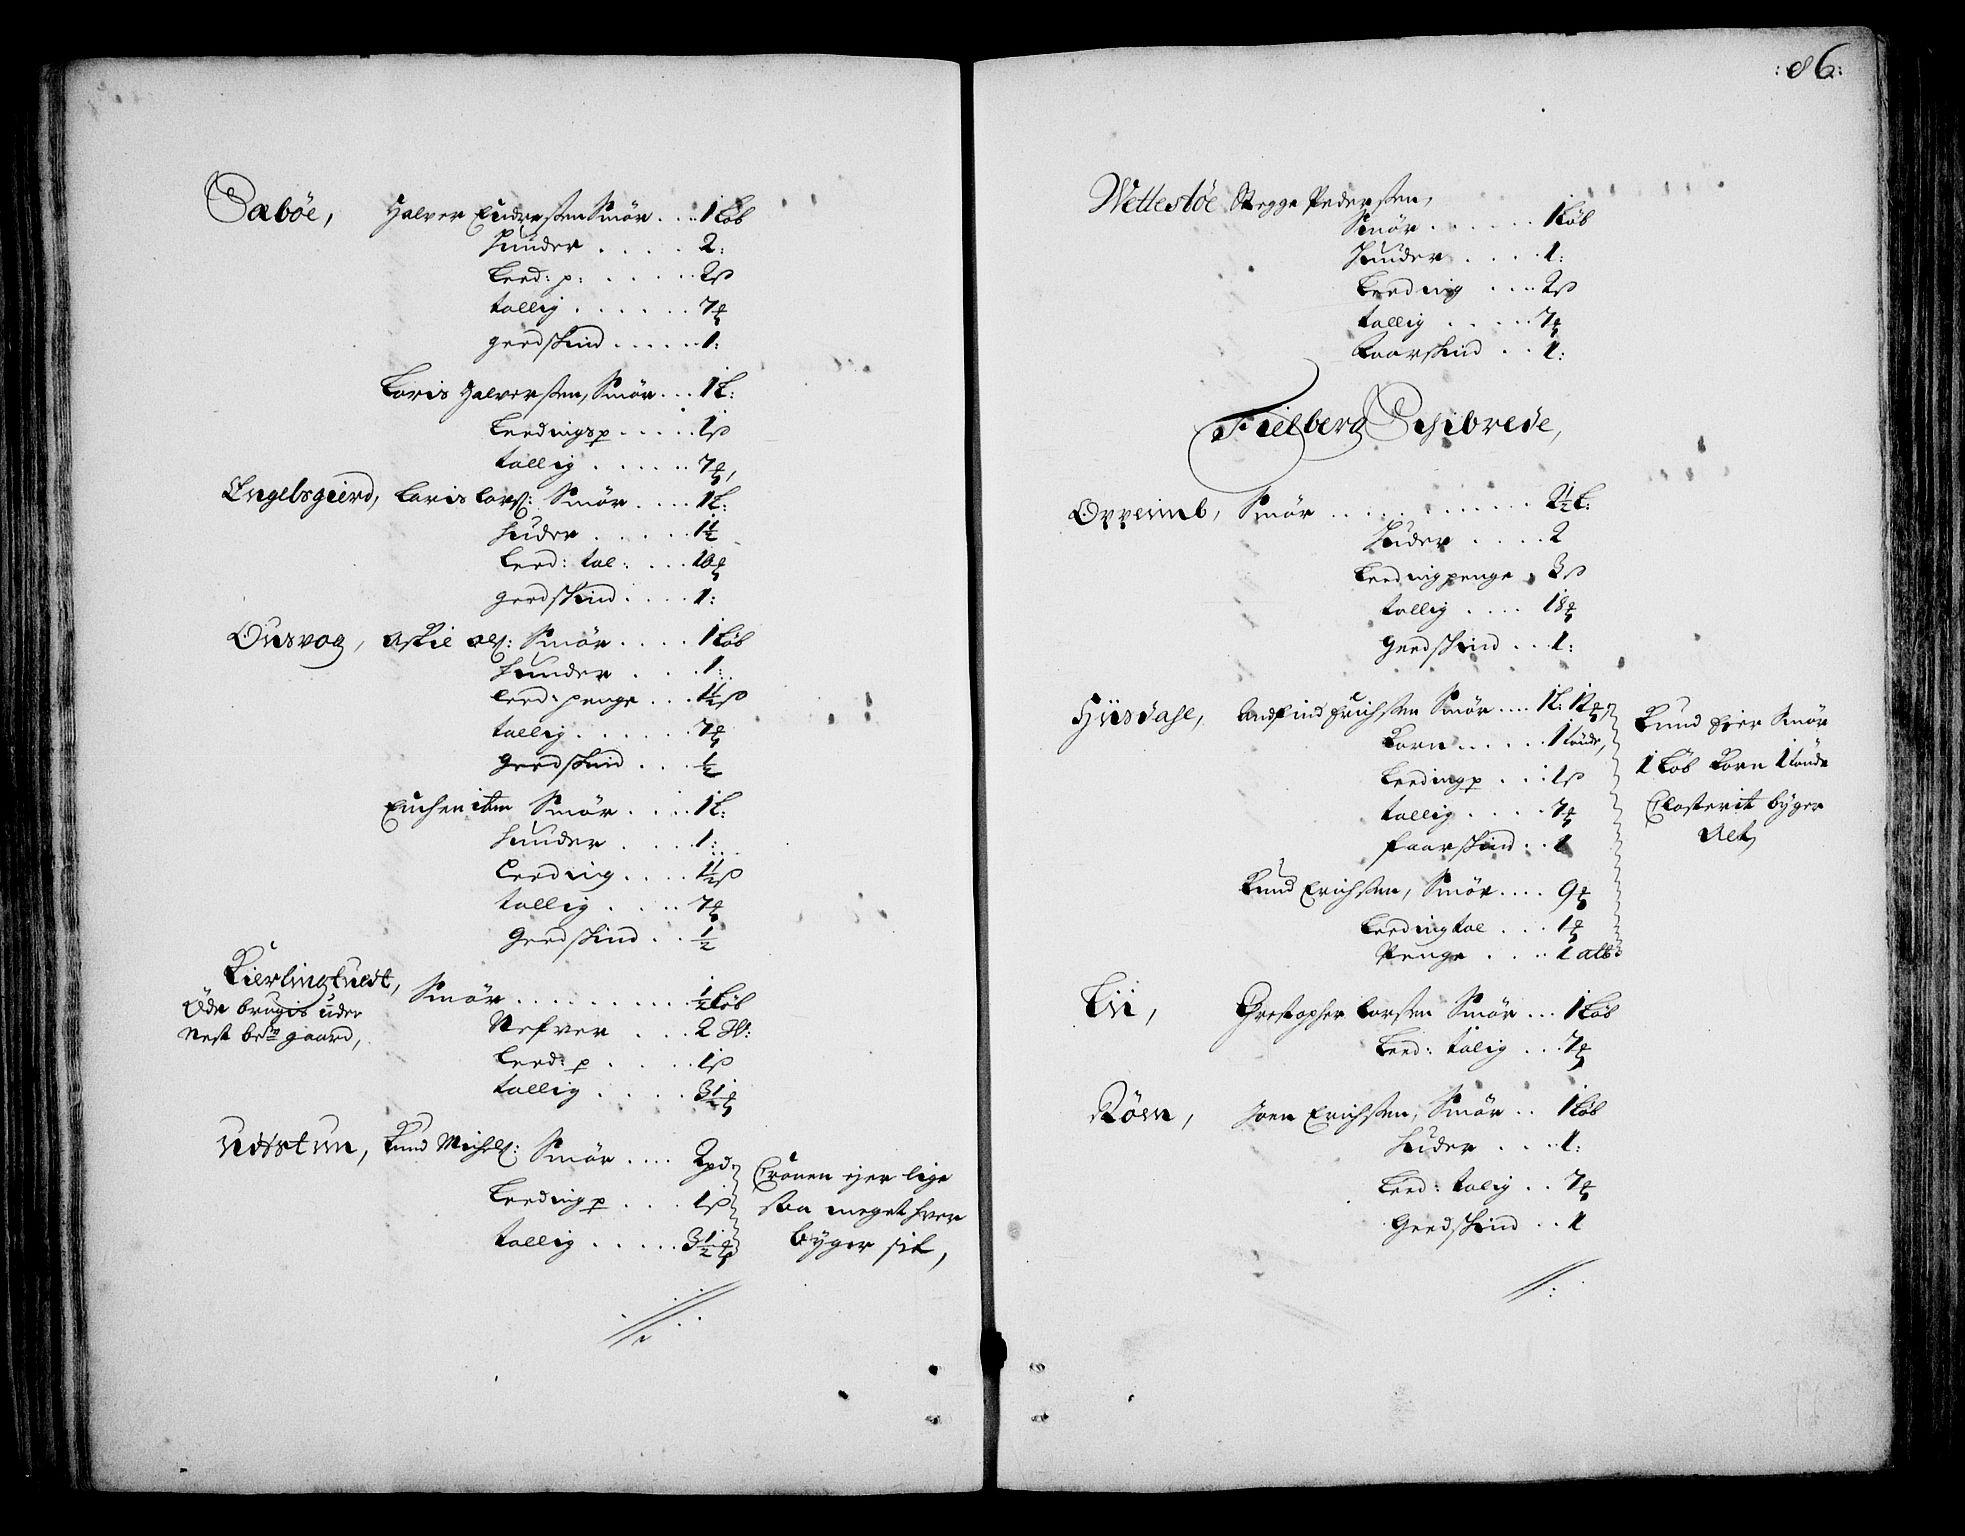 RA, Rentekammeret inntil 1814, Realistisk ordnet avdeling, On/L0002: [Jj 3]: Besiktigelsesforretninger over Halsnøy klosters gods, 1659-1703, s. 85b-86a